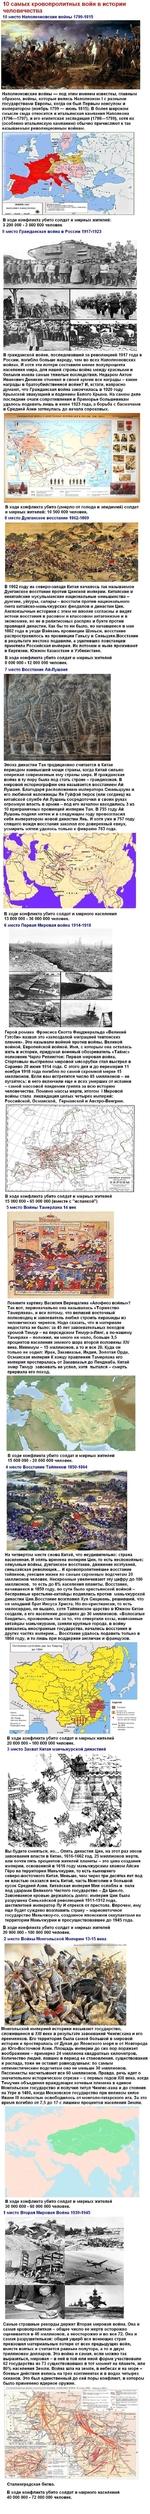 10 самых кровопролитных войн в истории человечества 10 место Наполеоновские войны 1799-1815 Наполеоновские войны — под этим именем известны, главным образом, войны, которые велись Наполеоном I с разными государствами Европы, когда он был Первым консулом и императором (ноябрь 1799 — июнь 1815). В